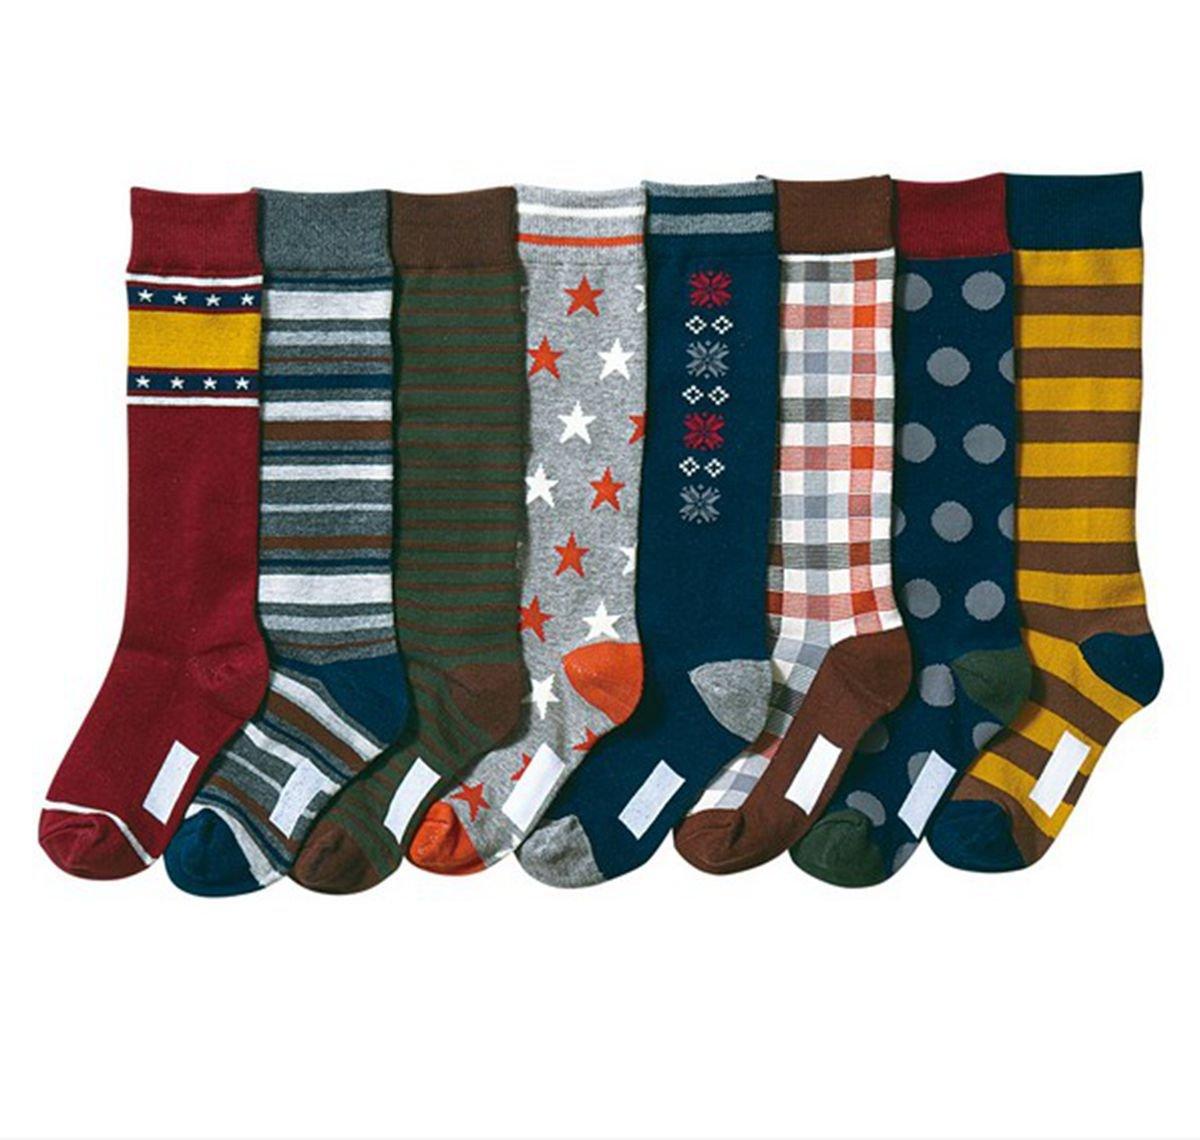 Boys Knee High Tube Socks Cool Stars Comfort Cotton Stockings Socks 8 Pair Pack Czofnjesi